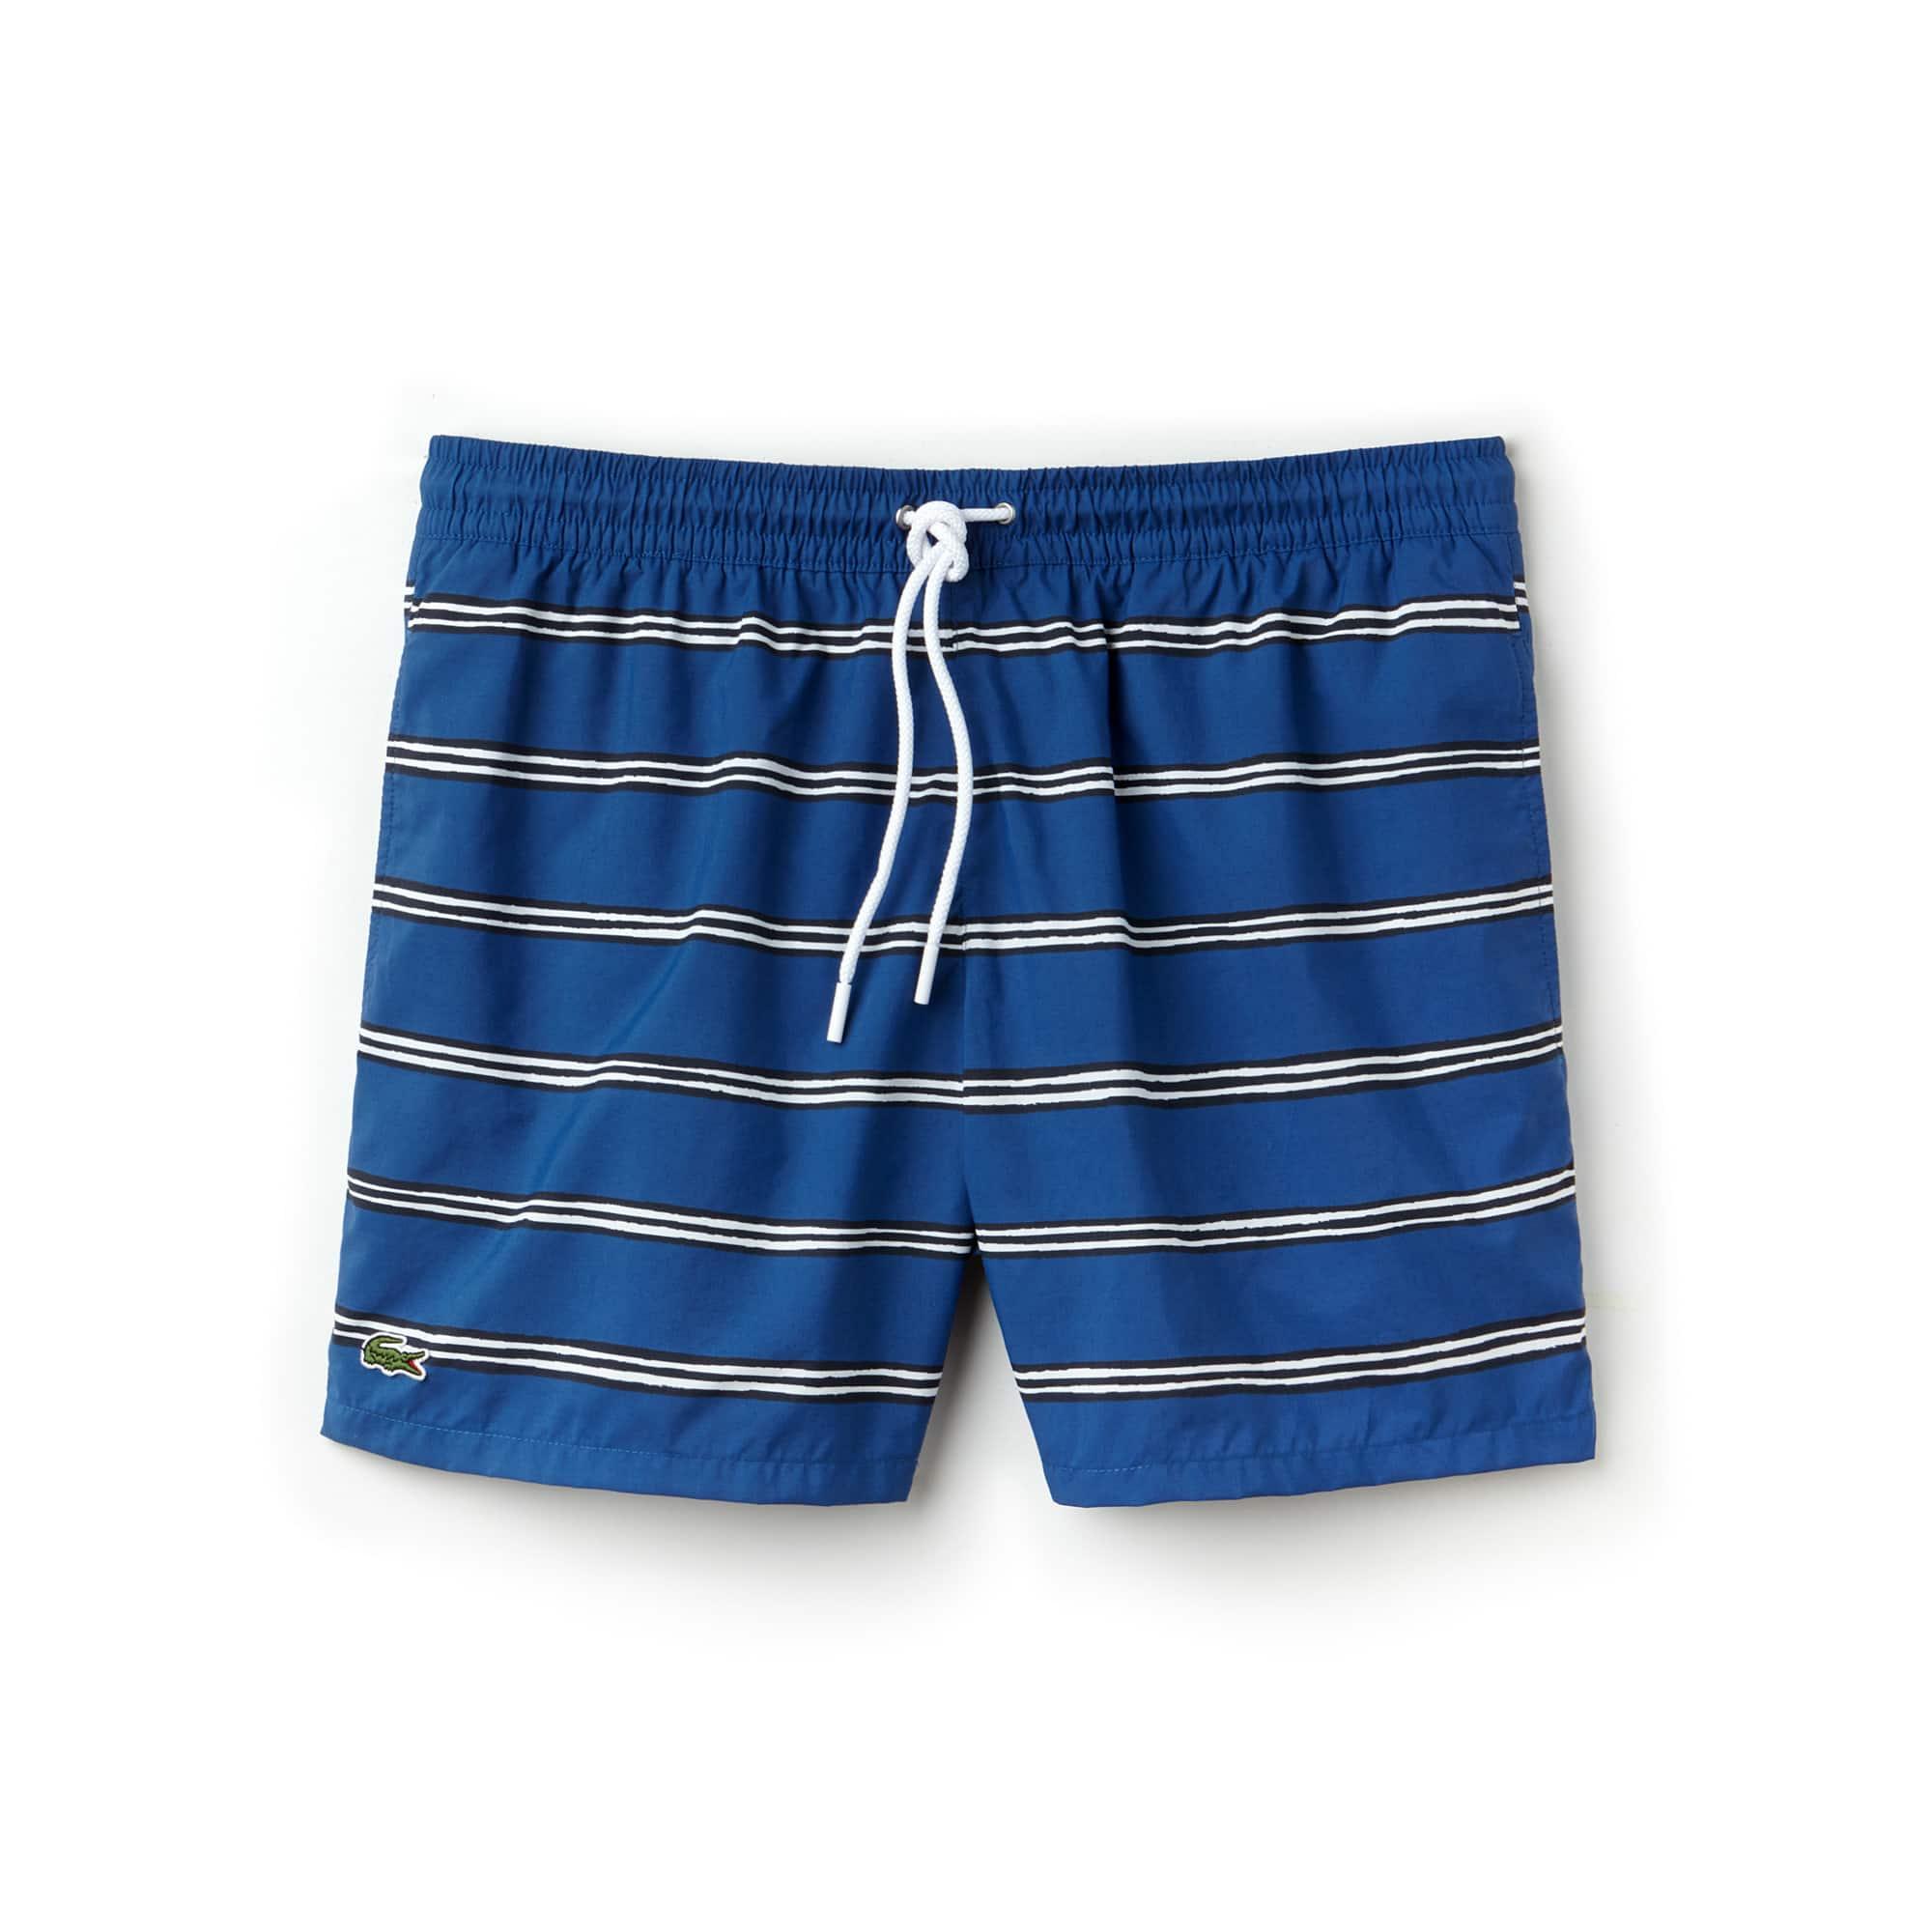 라코스테 수영복 바지 Lacoste Mens Striped Canvas Swimming Trunks,electric/multico